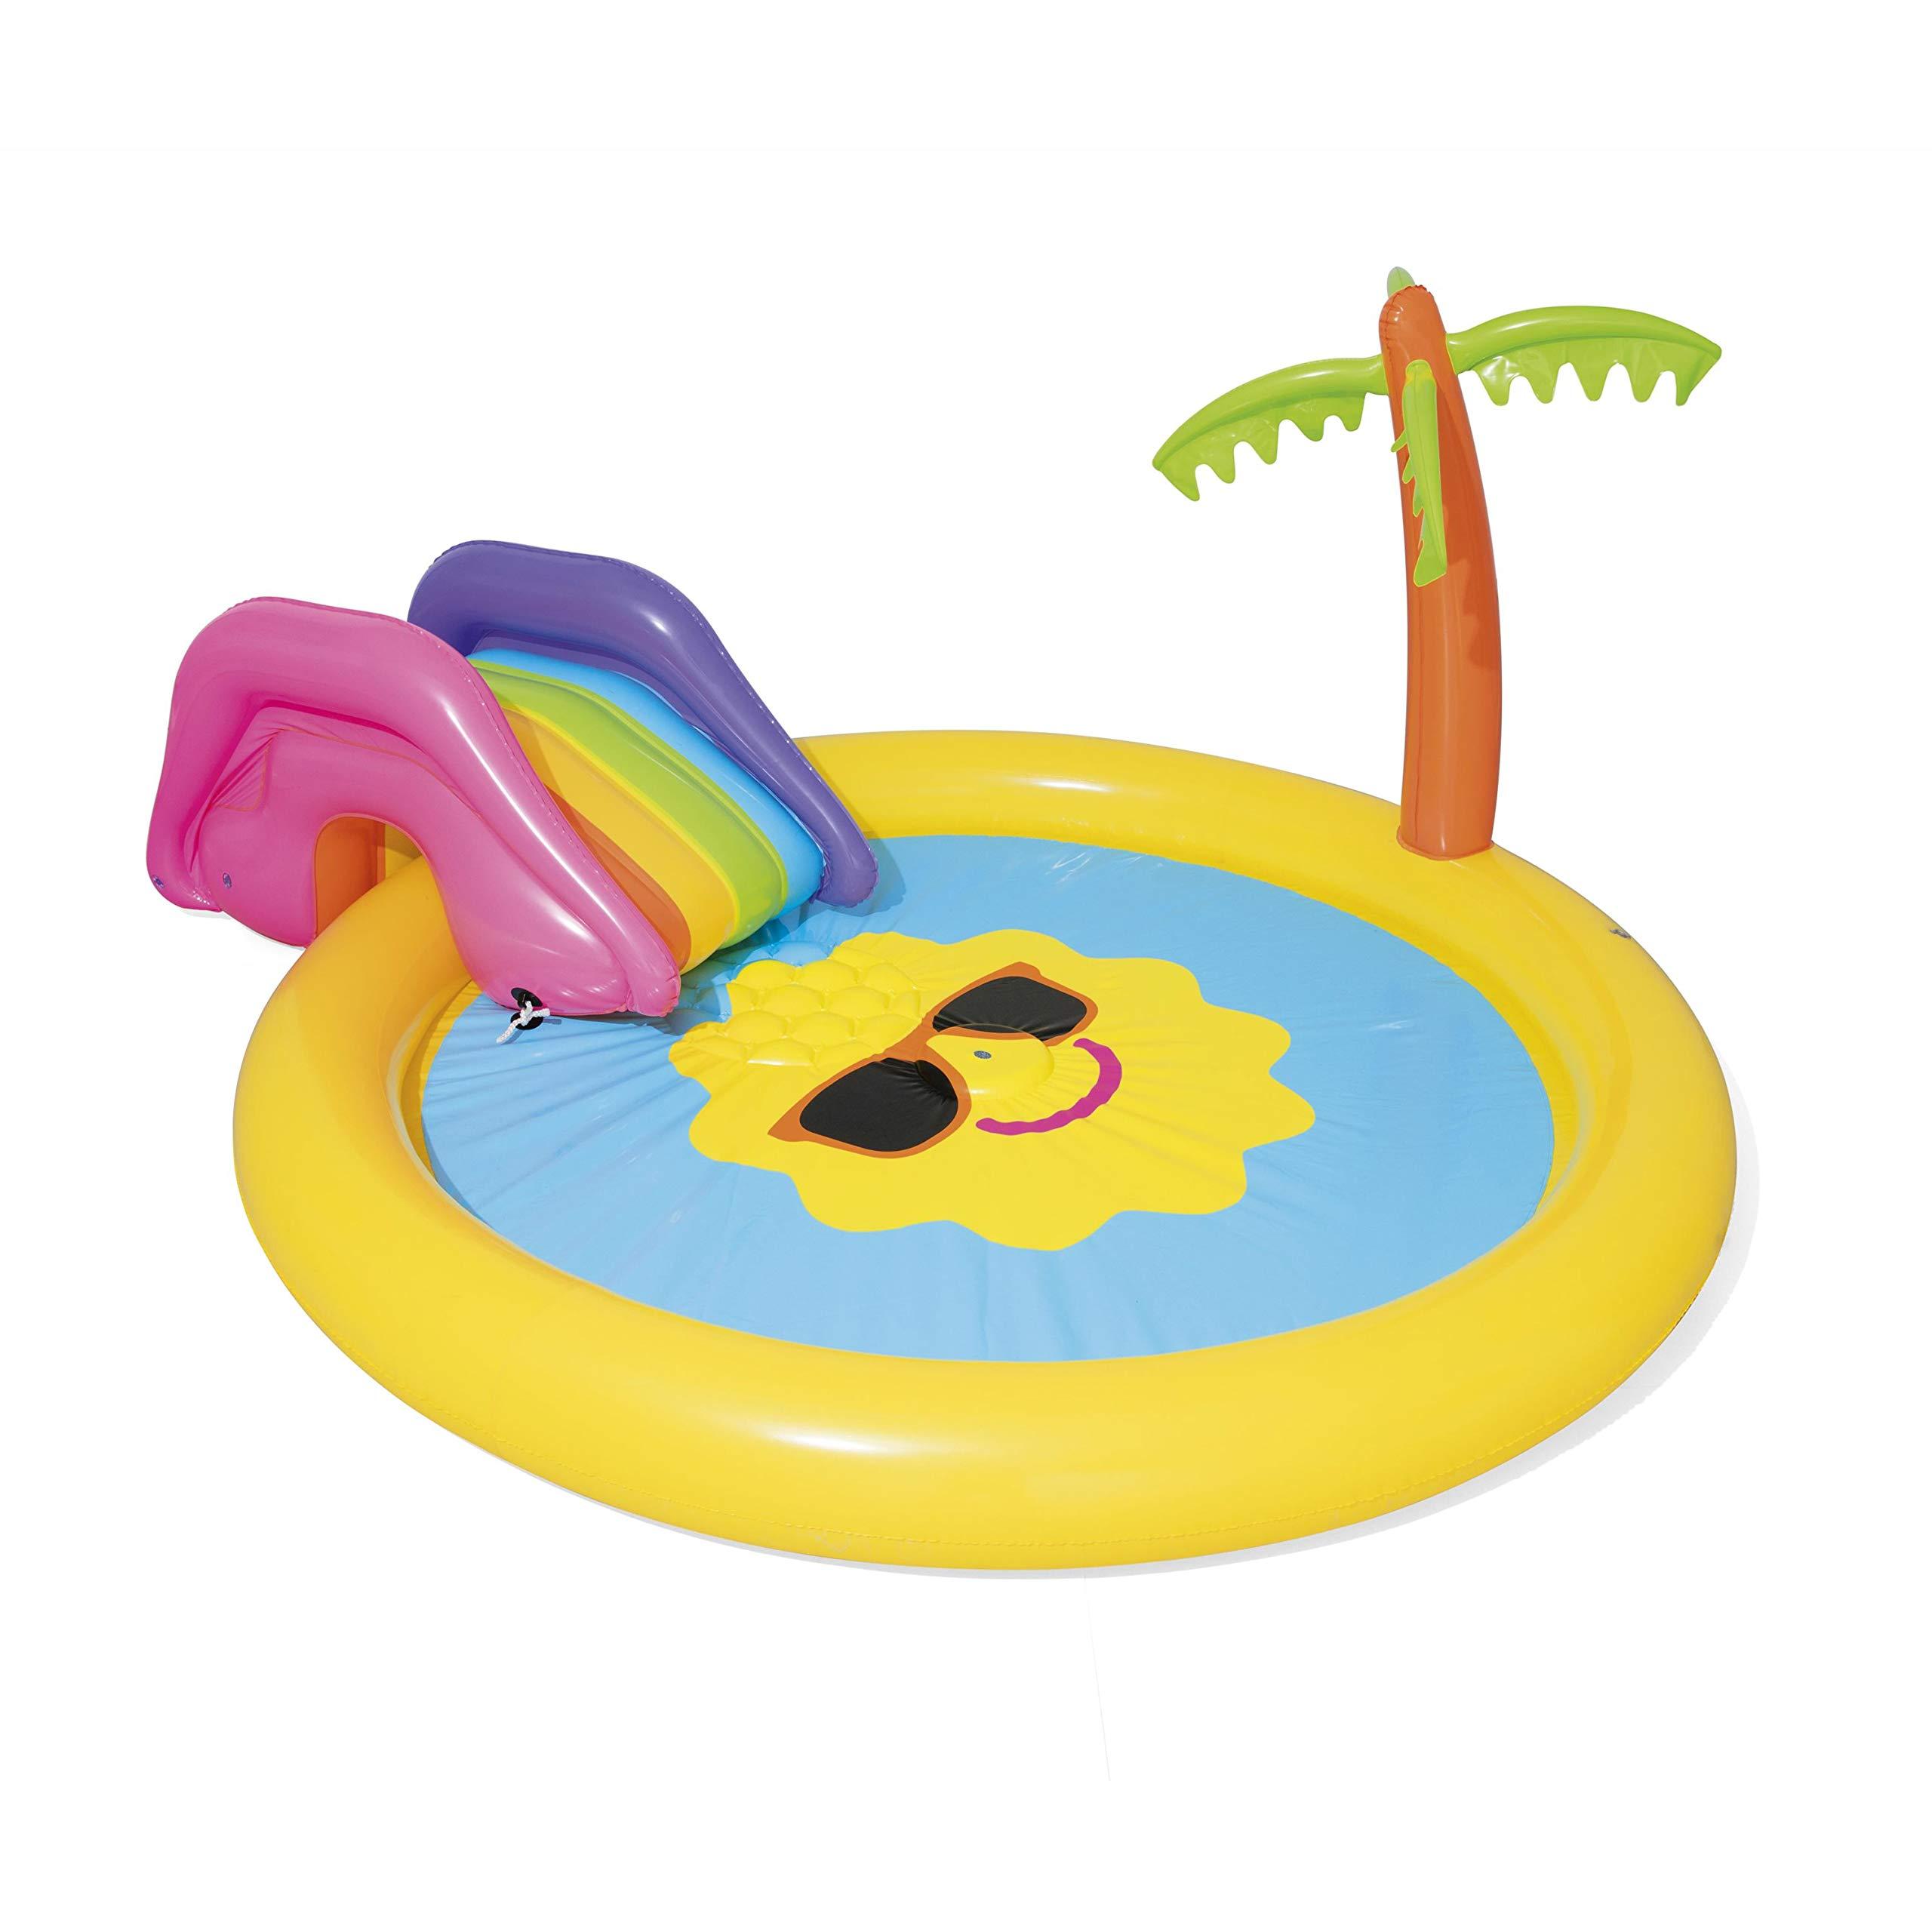 BESTWAY 51026 - Piscina Hinchable Infantil Play Pool 152x30 cm: Amazon.es: Juguetes y juegos